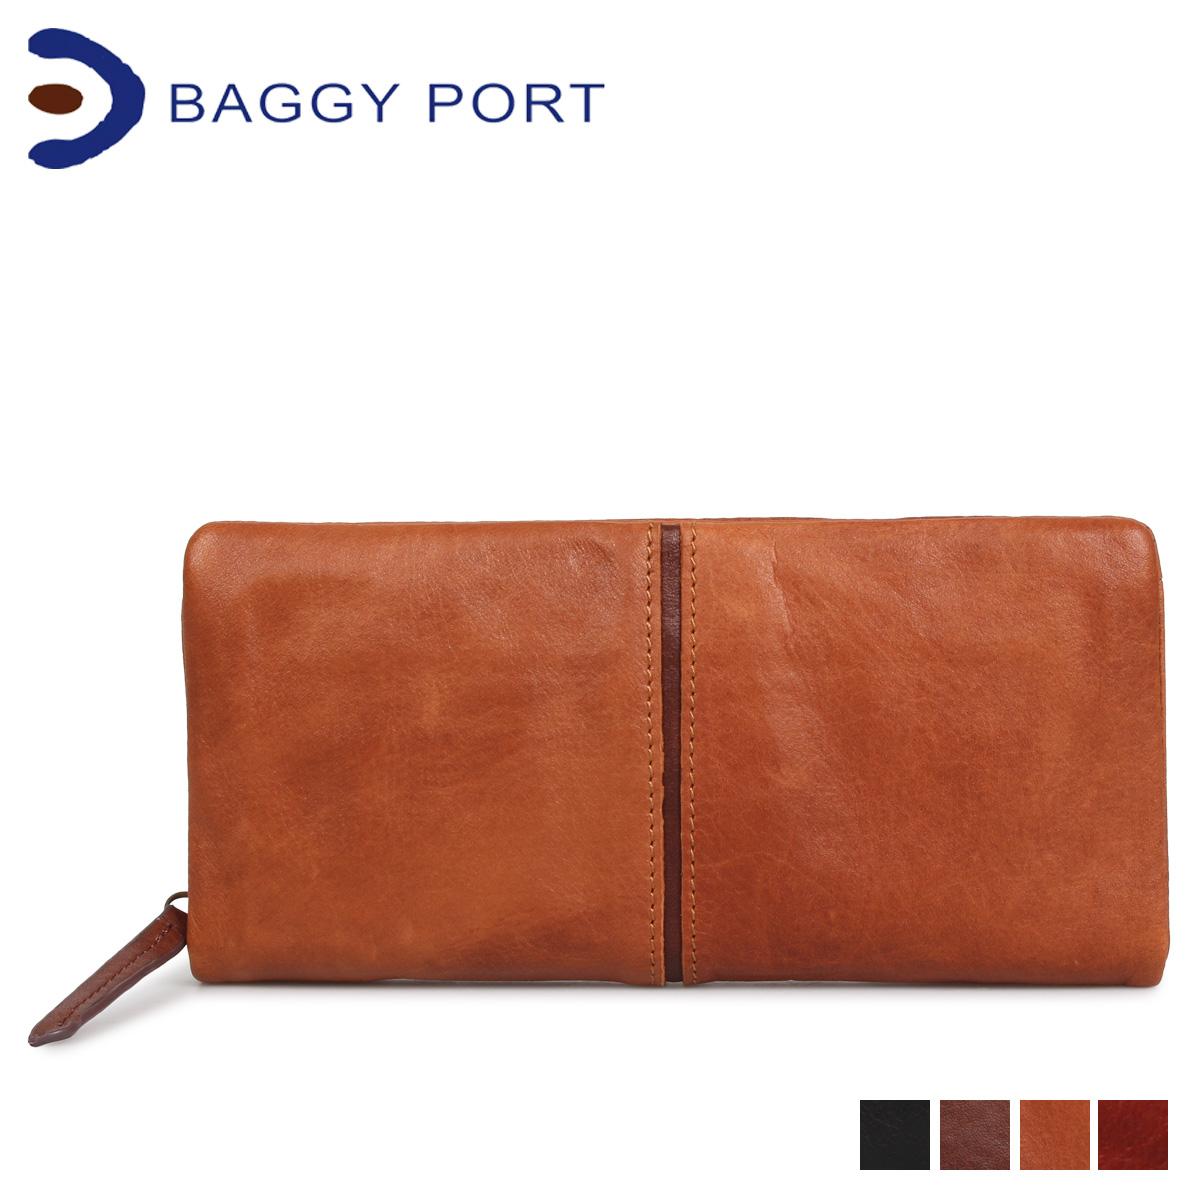 バギーポート BAGGY PORT 財布 長財布 メンズ レディース FULLCHROME ブラック キャメル ブラウン 黒 HRD400